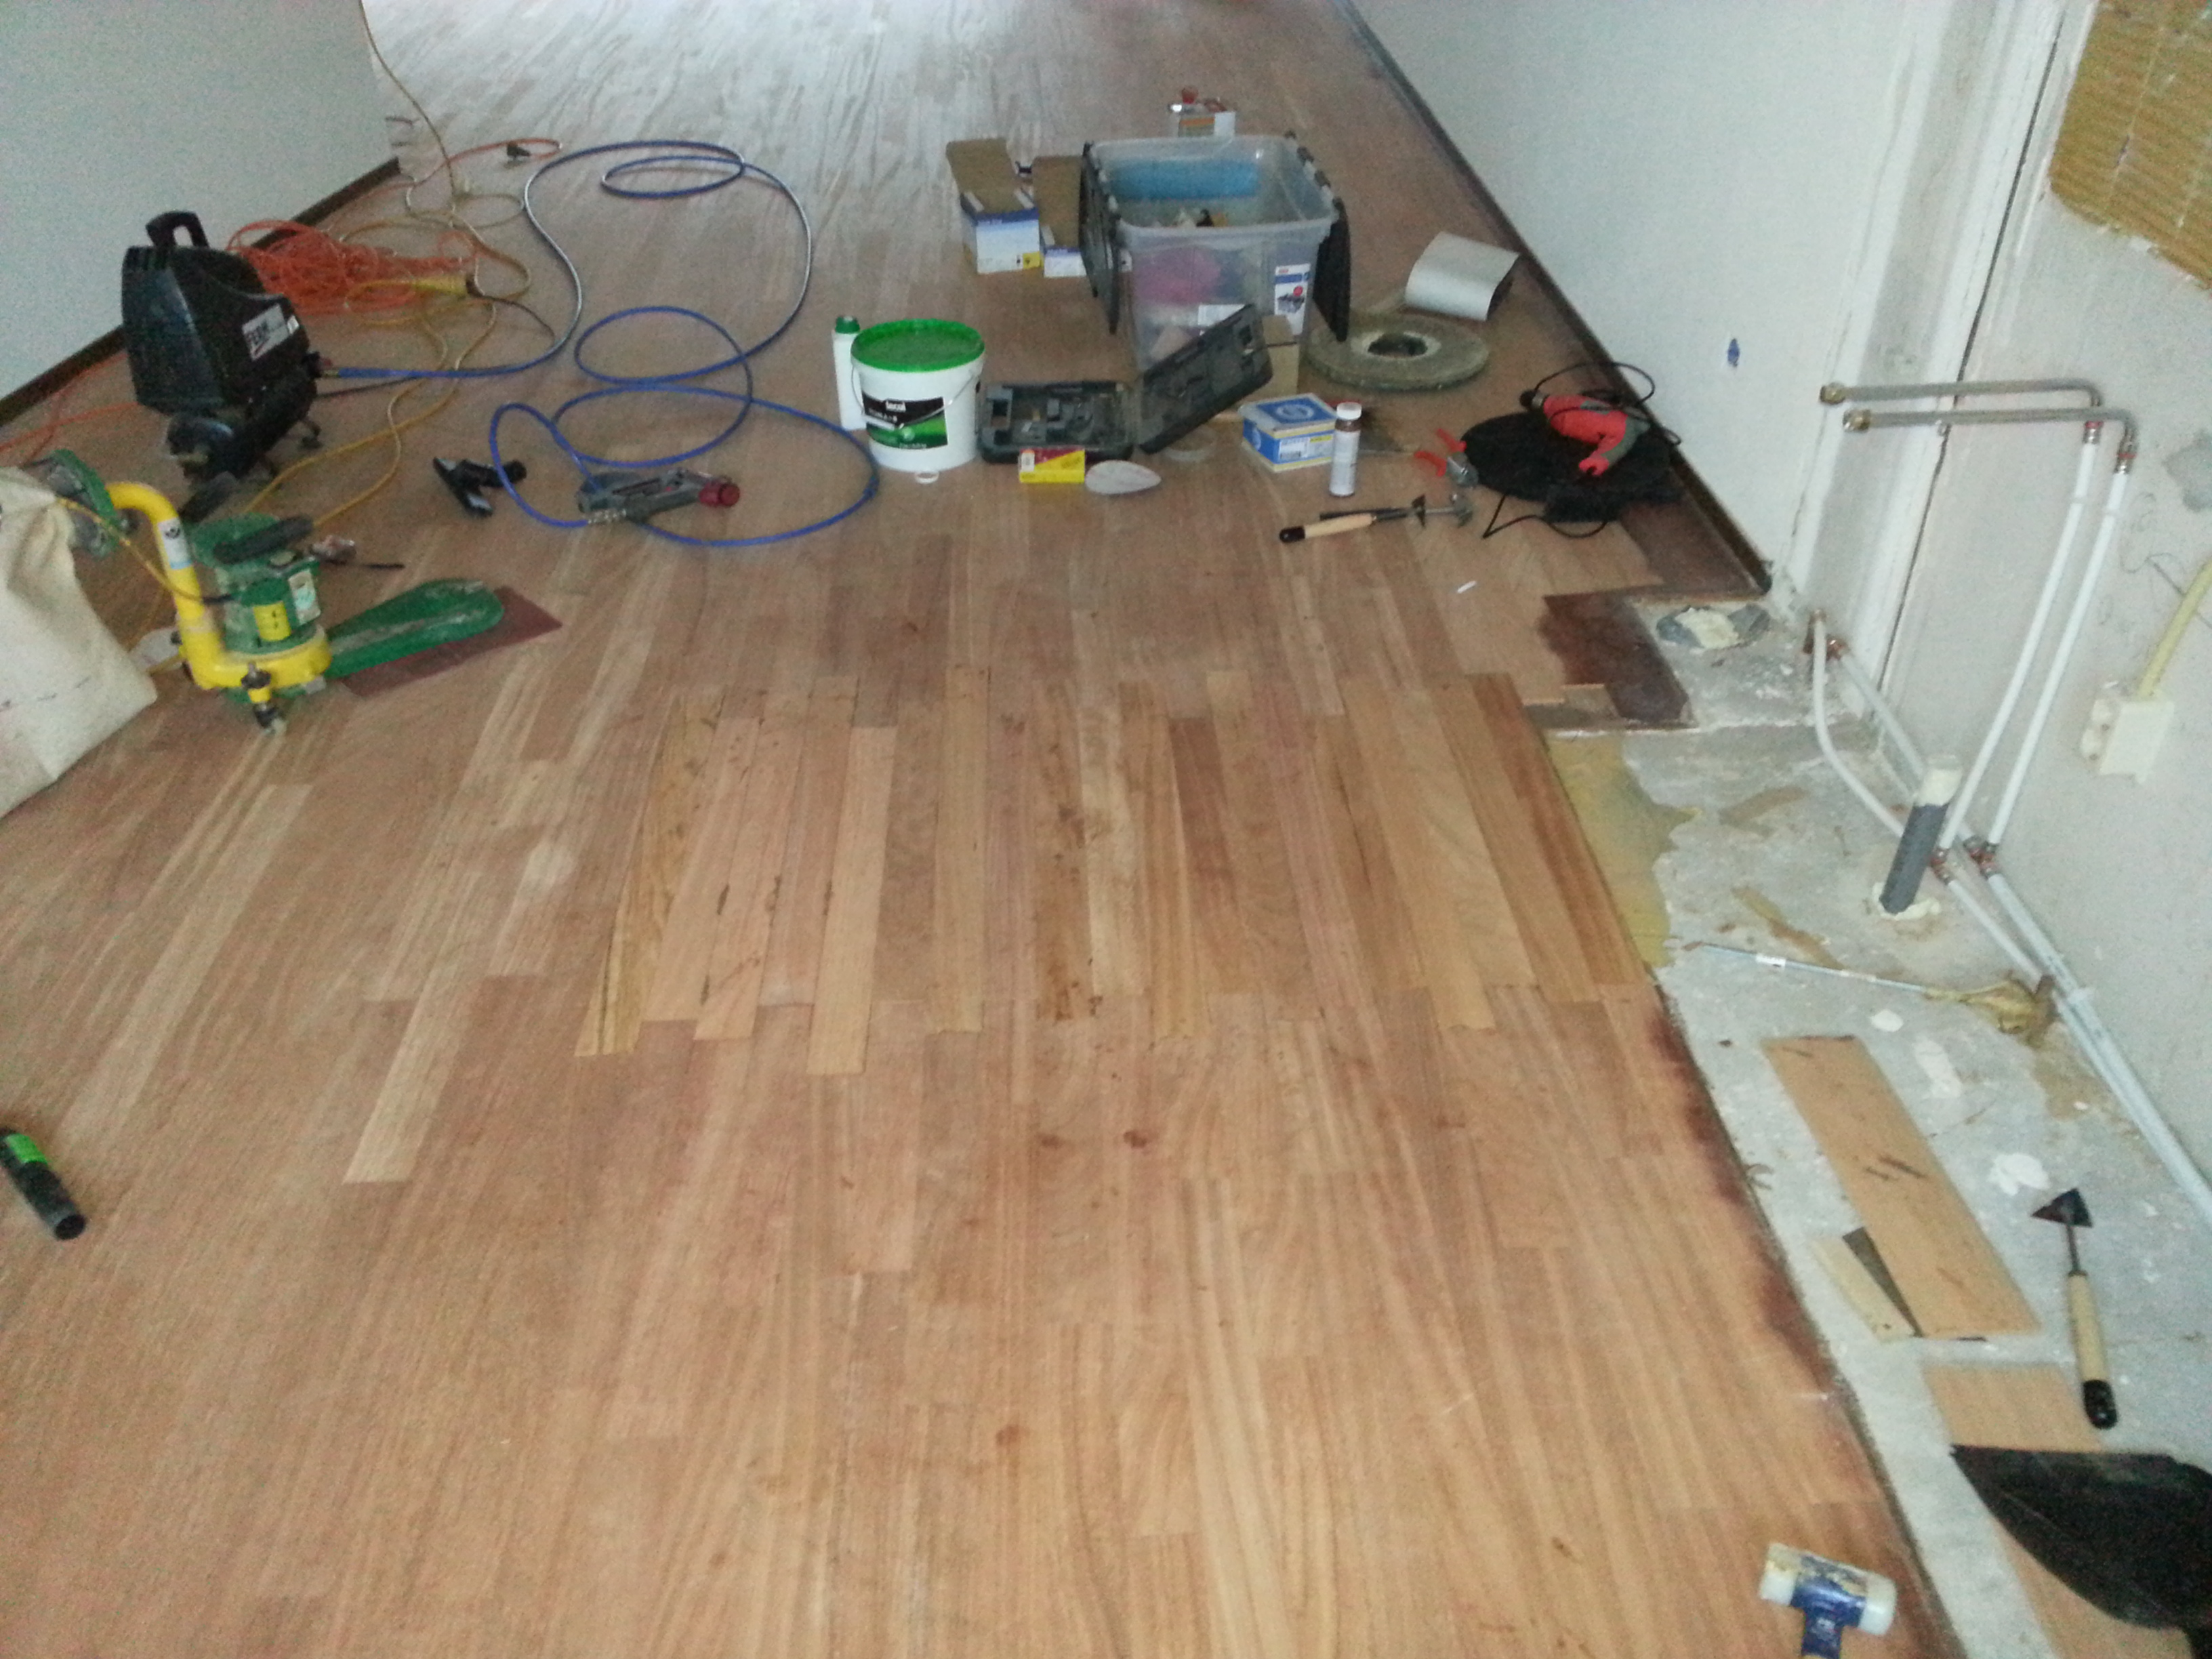 Eikenhouten Keuken Behandelen : Foto's – Mooievloeren.info, uw houten vloeren & parketspecialist